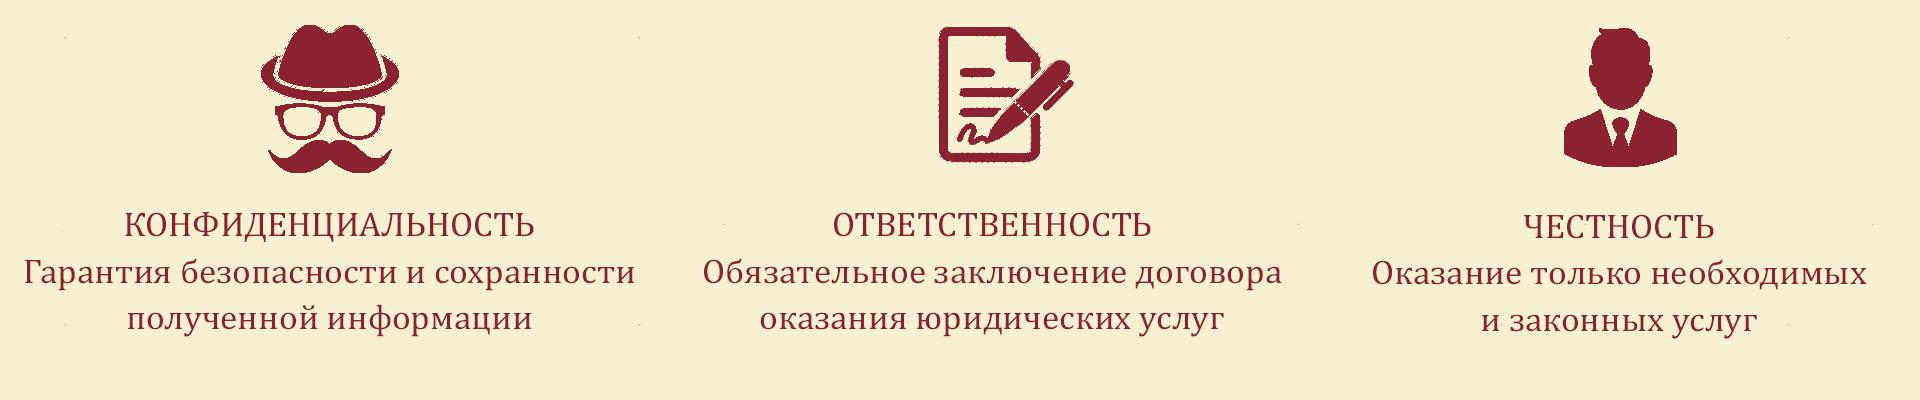 luchshij_yurist_v_barnaule